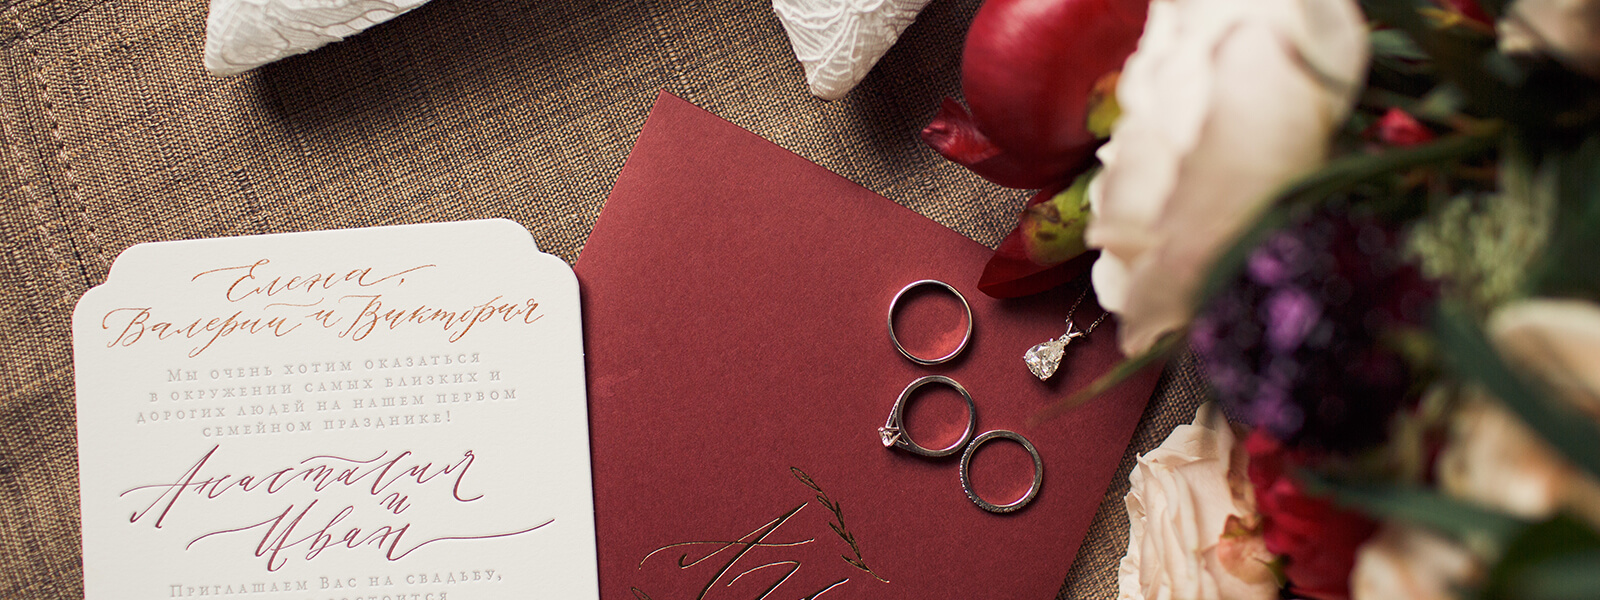 Свадьба Анастасии и Ивана «Свадьба в итальянской усадьбе»